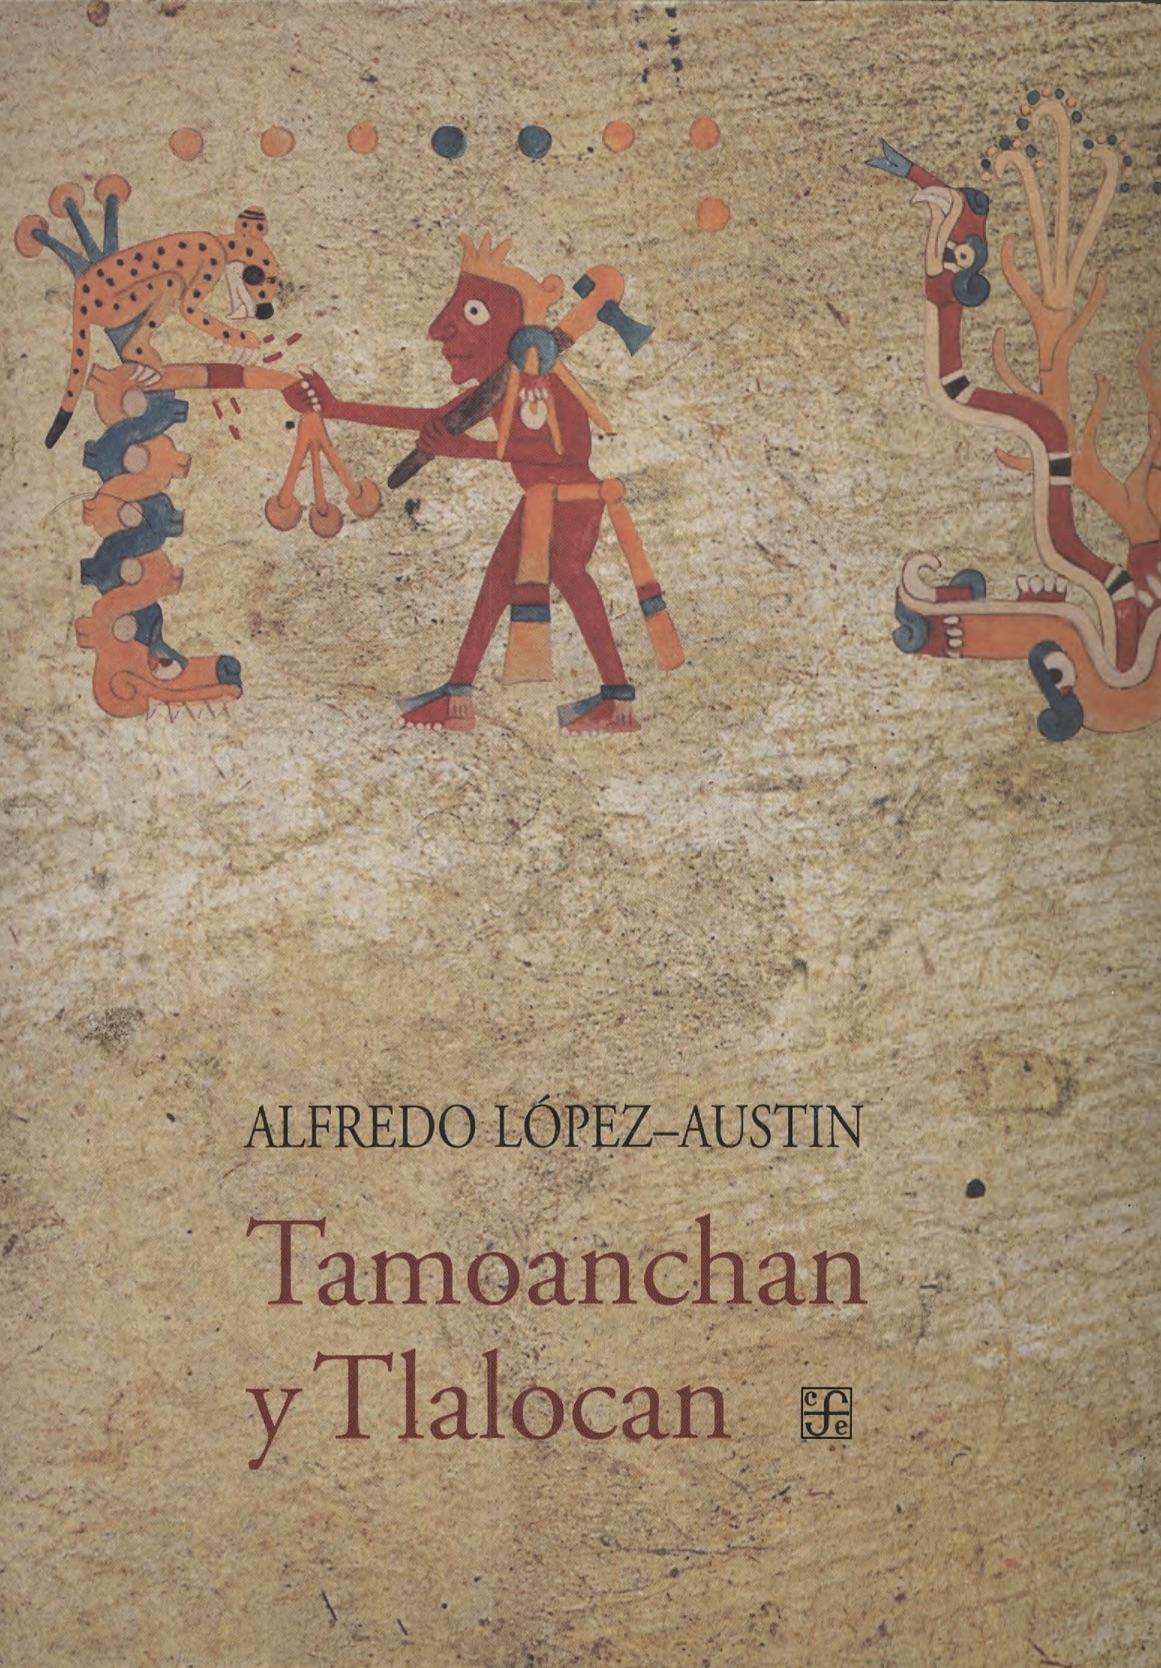 Tamoanchan y Tlaloca...